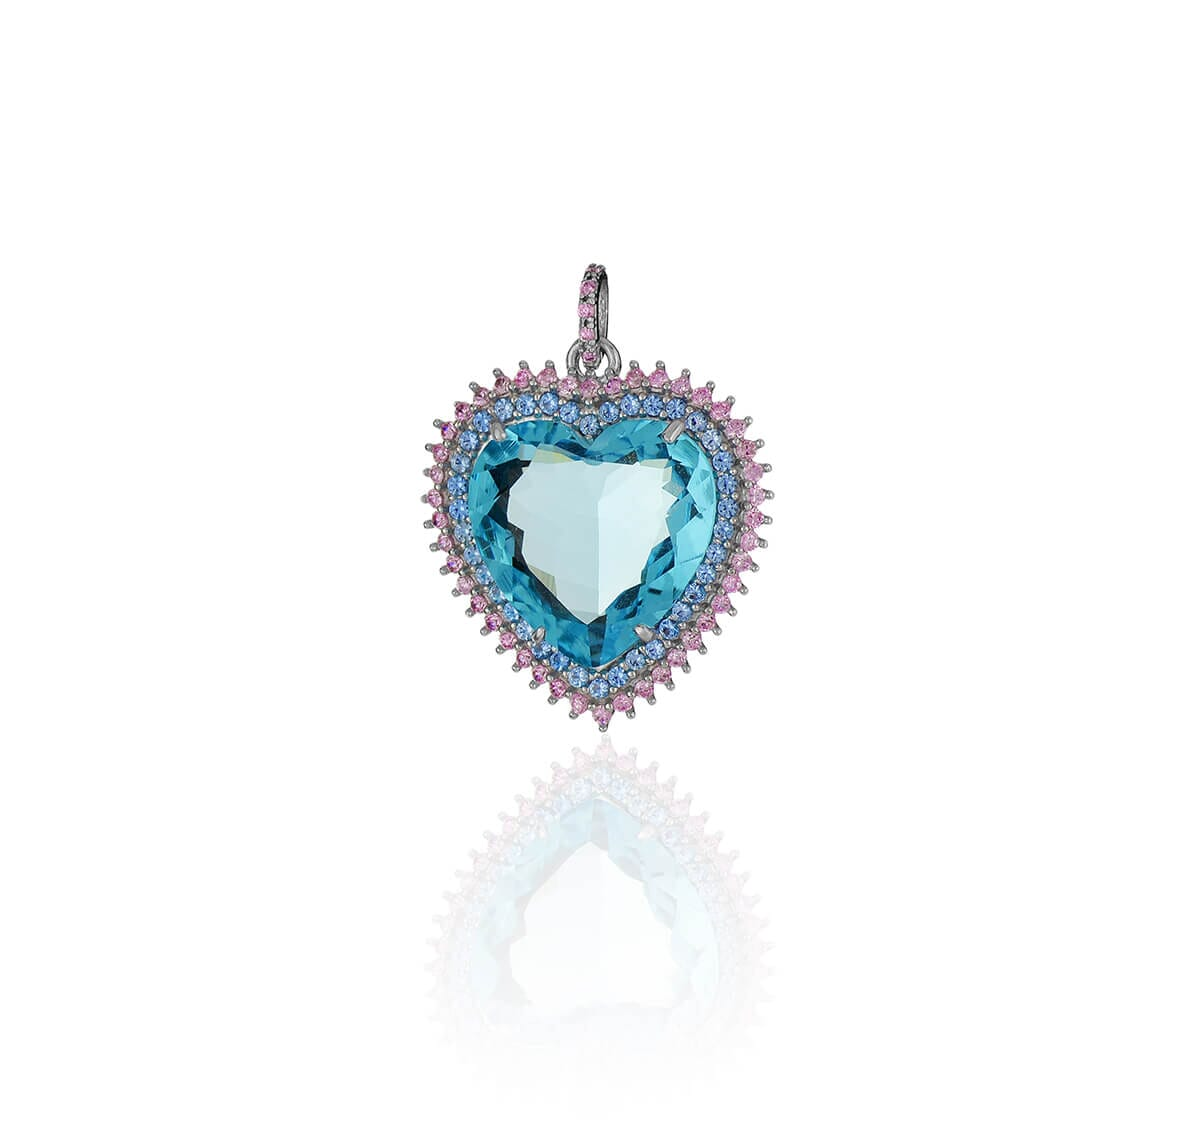 Pingente de Prata de coração com pedra topázio cravejado com zircônia azul e rosa